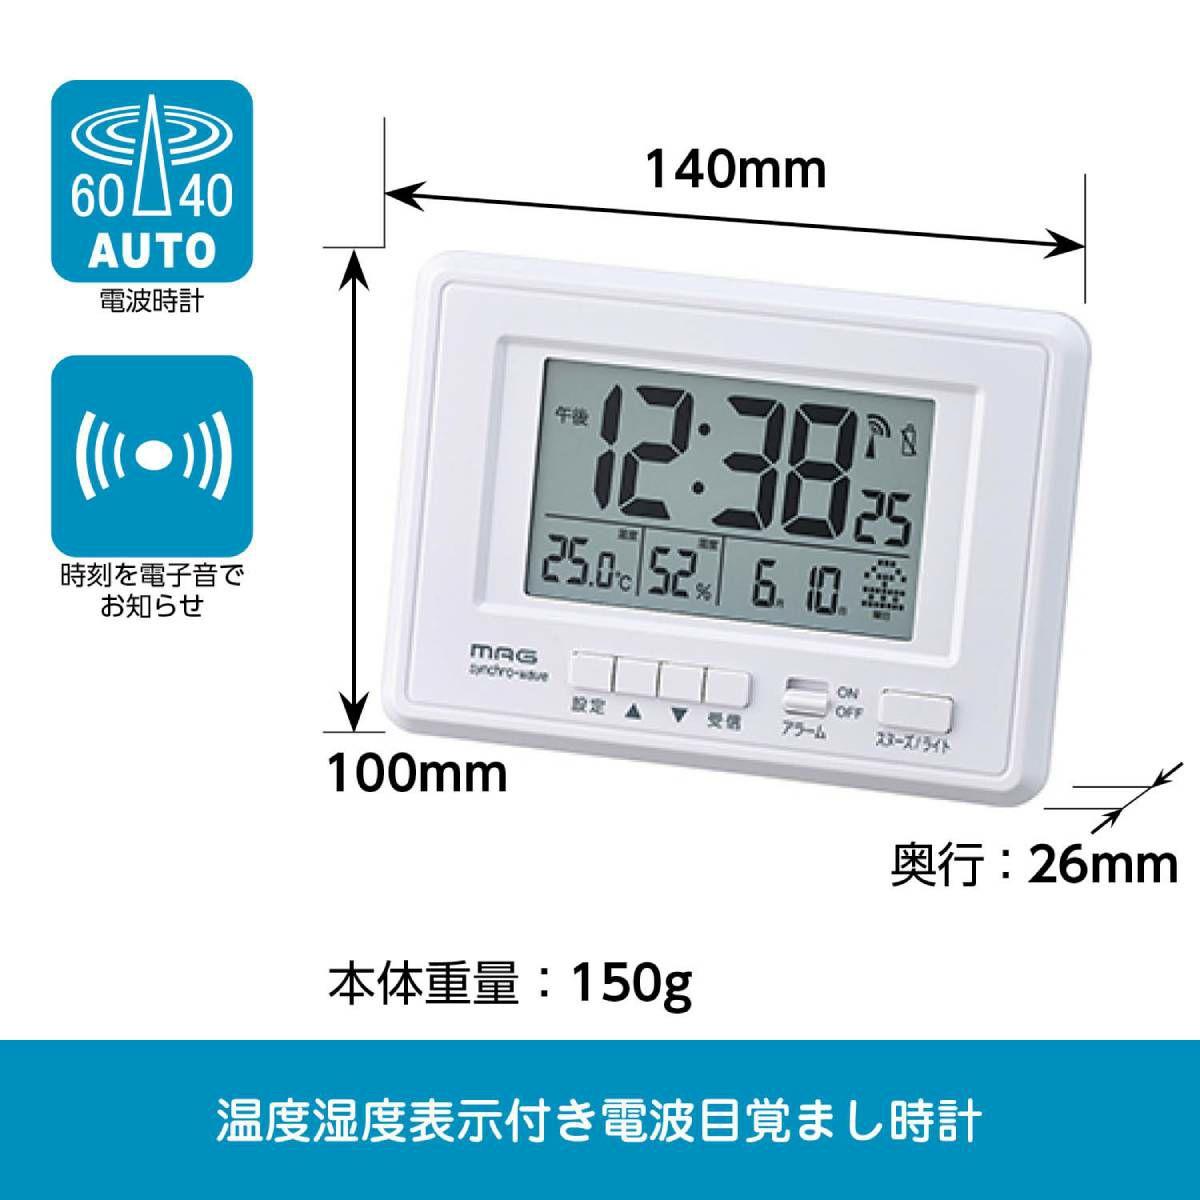 インテリア置時計[T-693 WH-Z_電波時計 ケプラー]